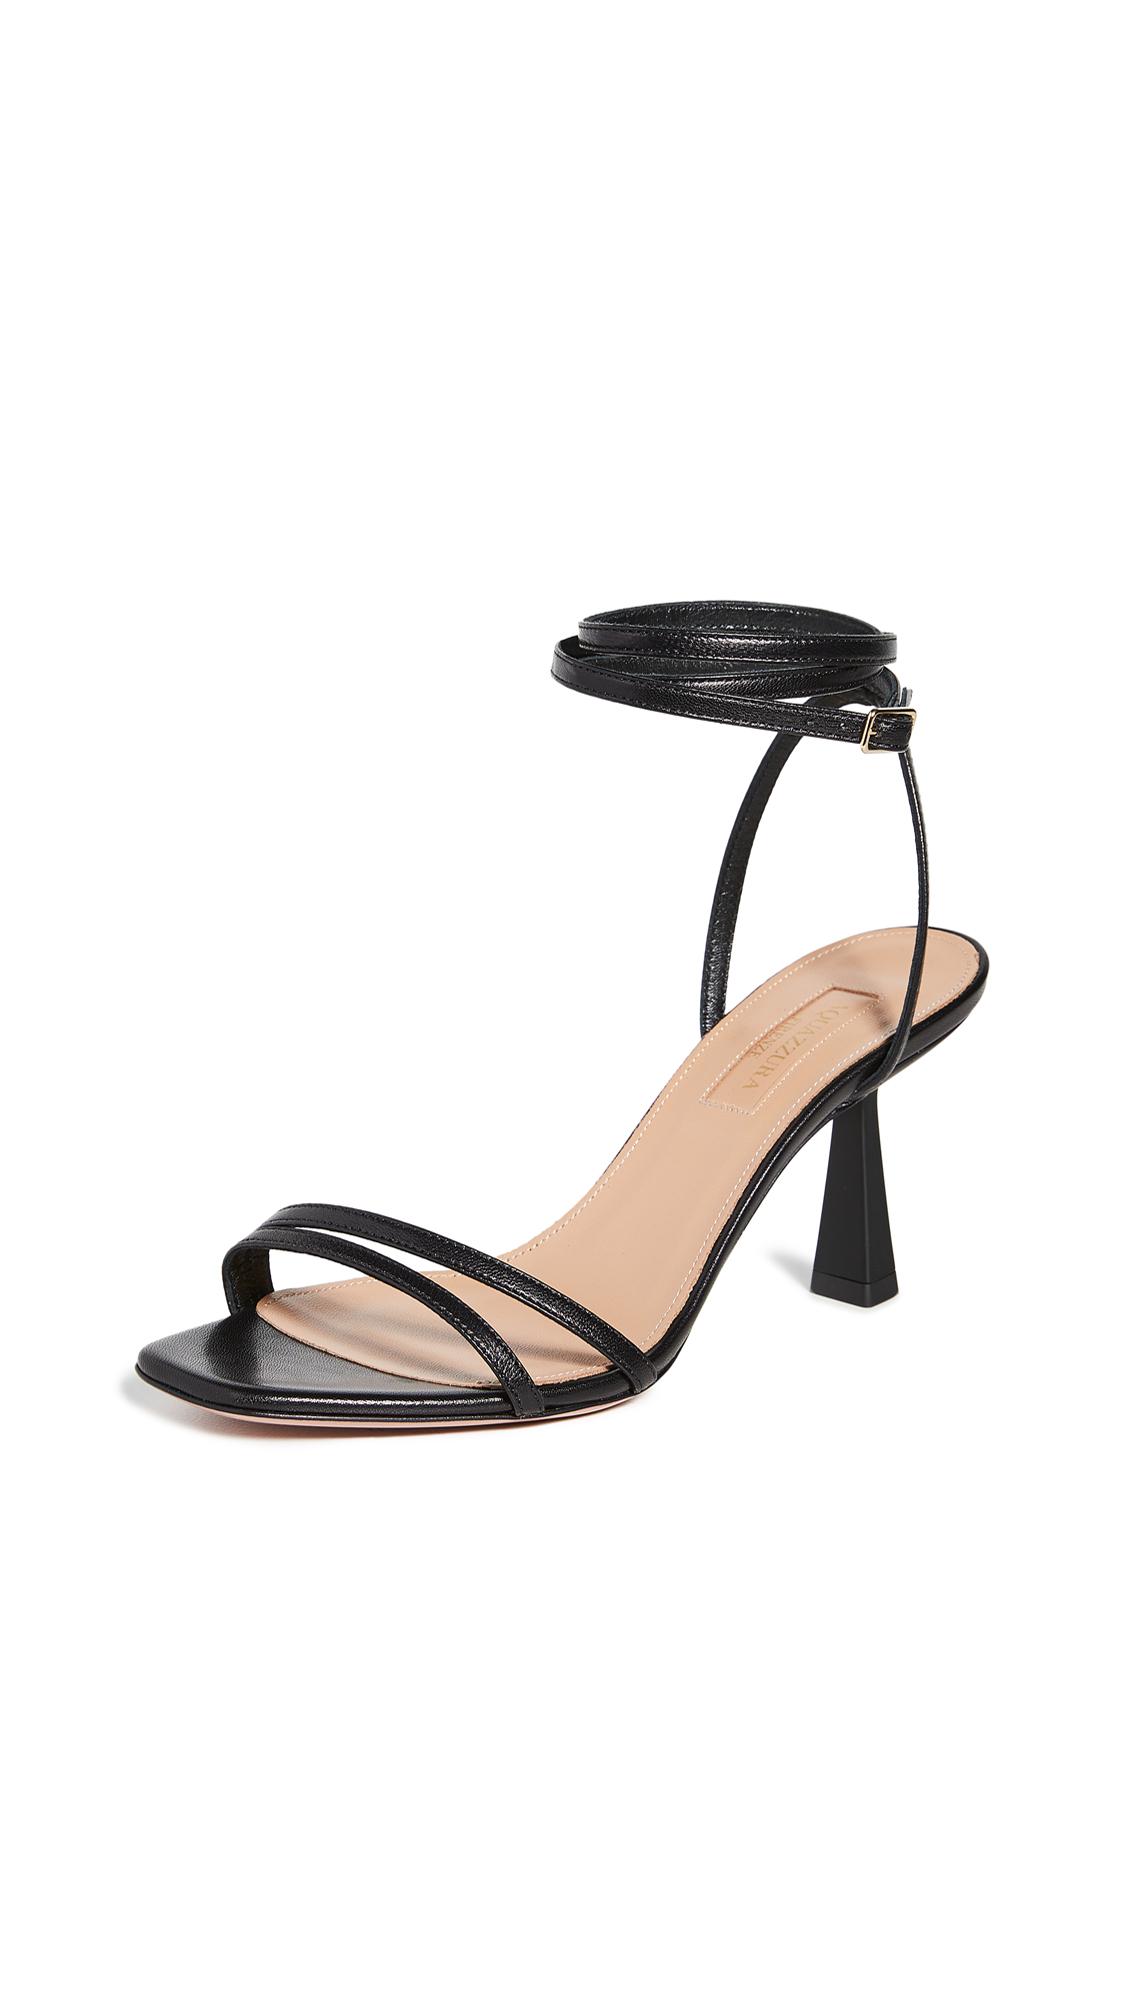 Buy Aquazzura online - photo of Aquazzura Isabel Sandals 75mm